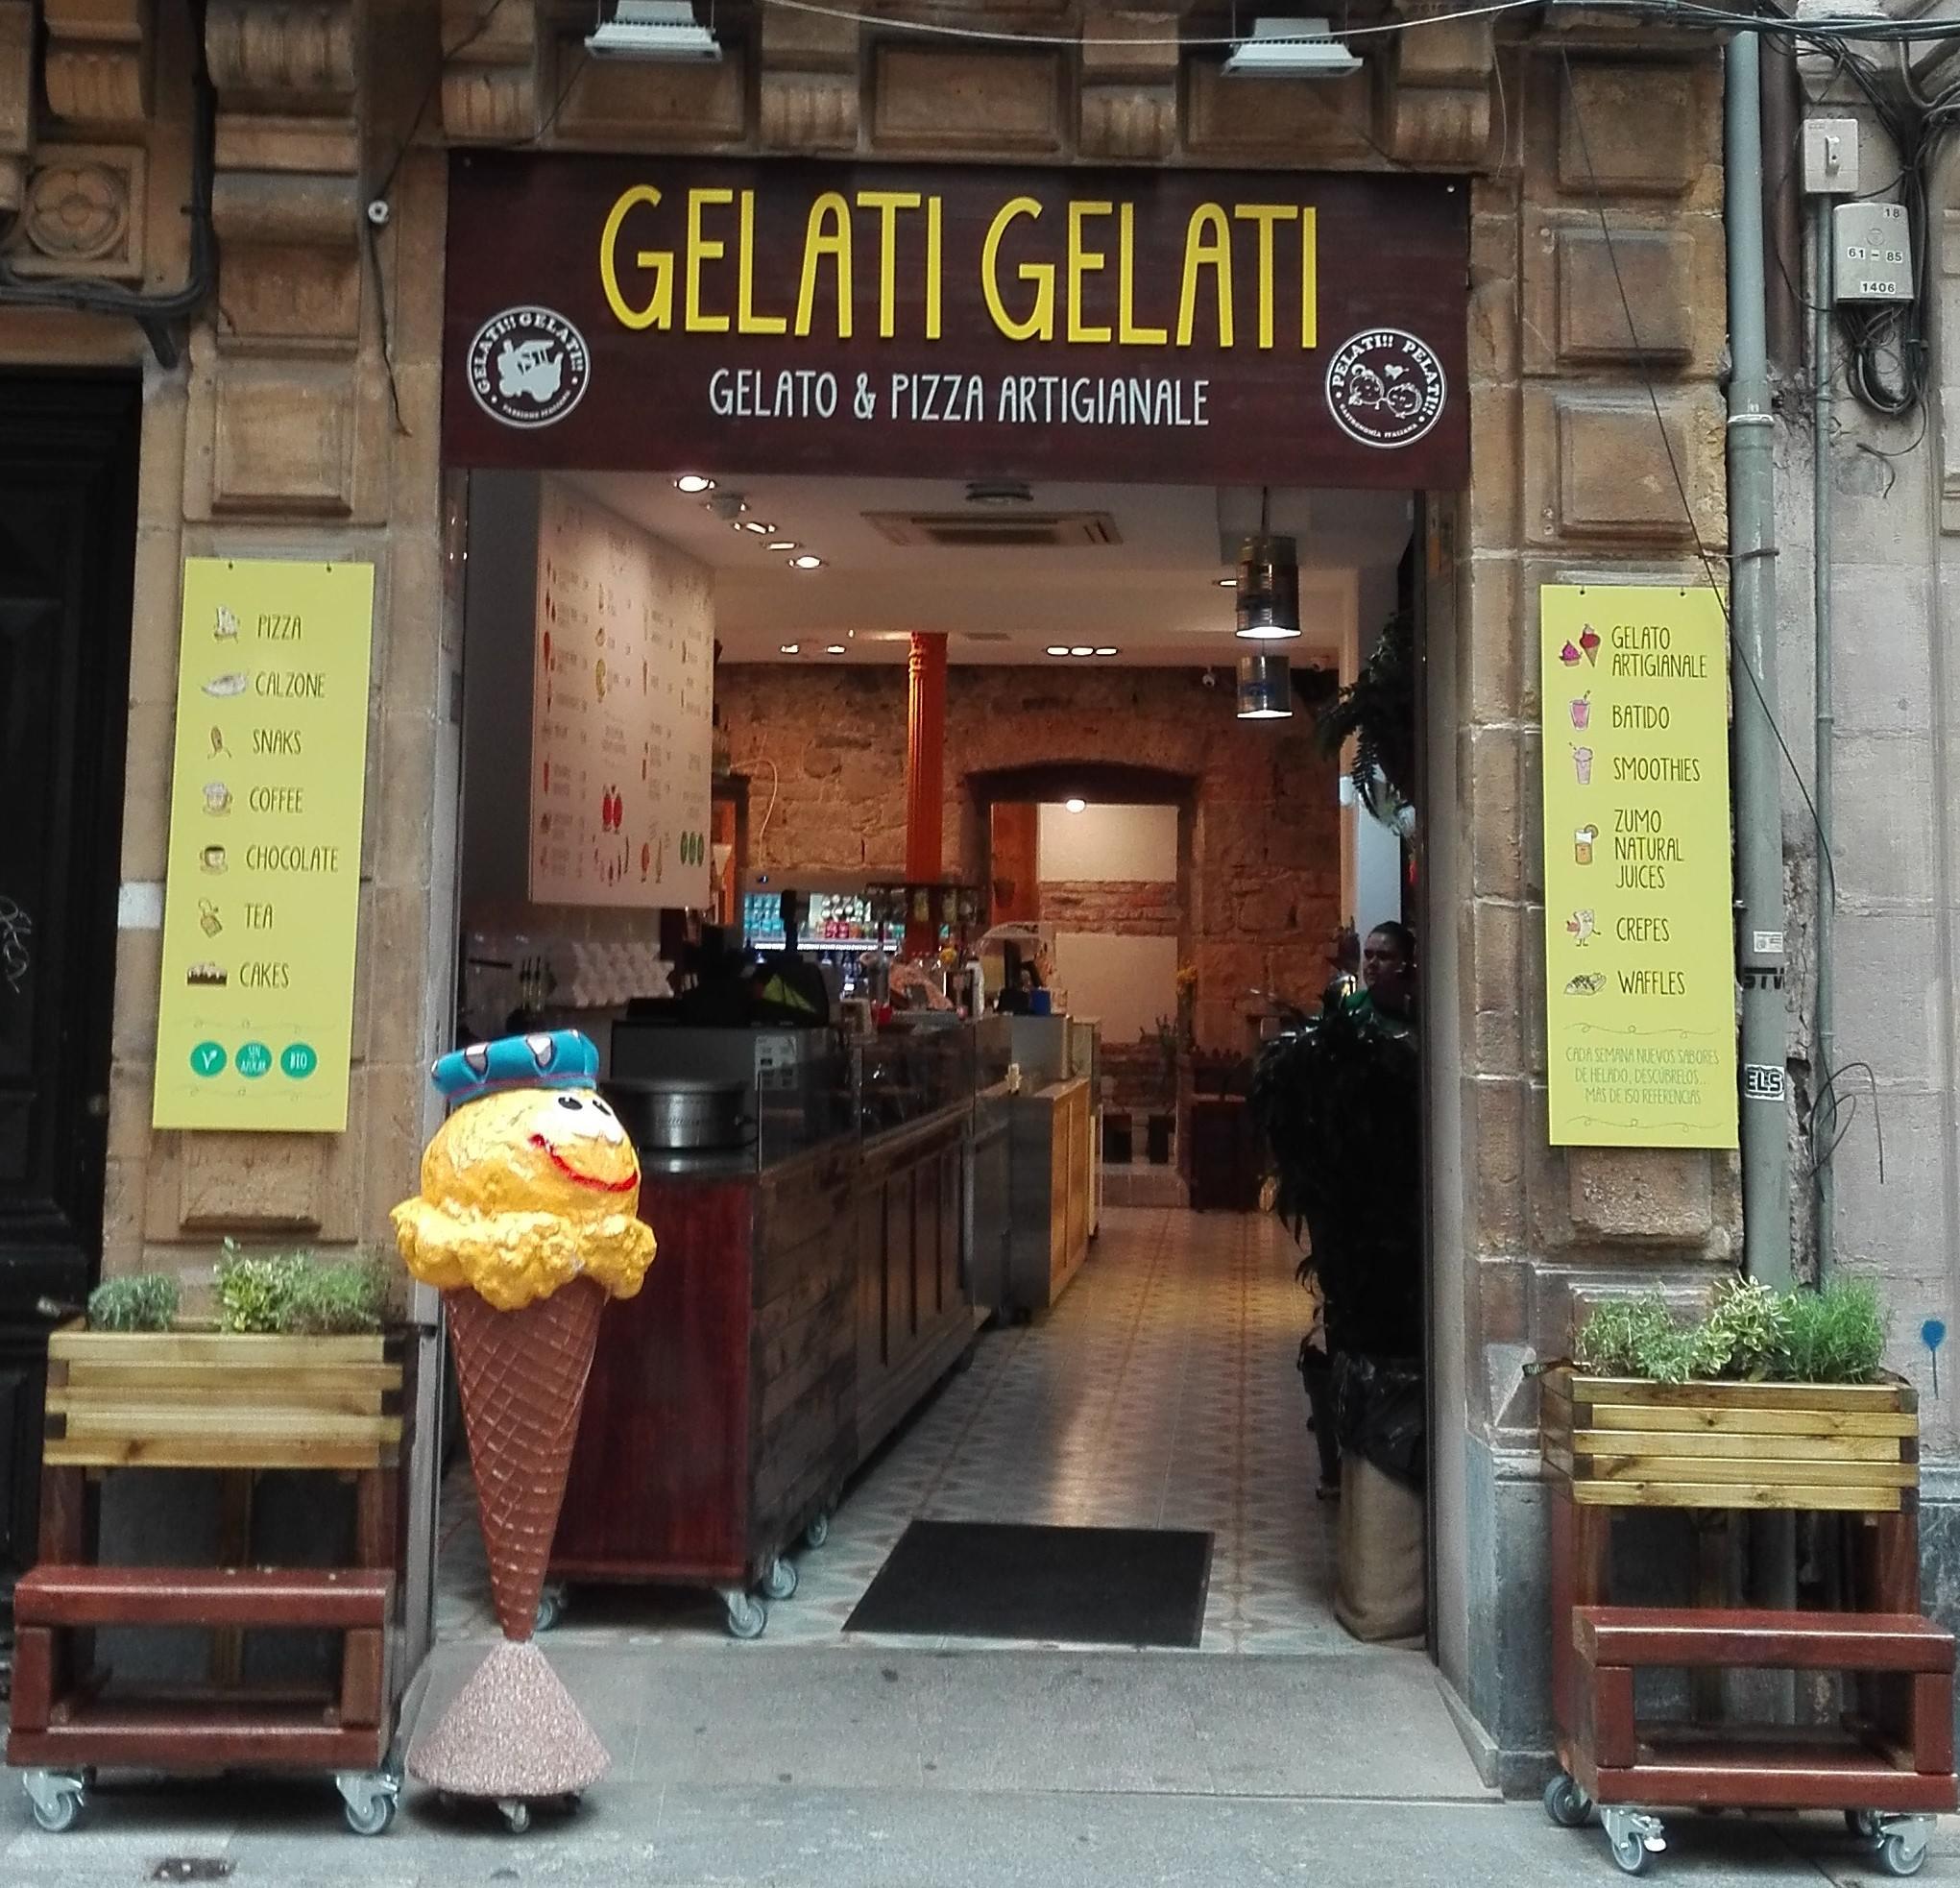 9b8a9676c1131 GELATI GELATI - Bilbao Bizkaia Card